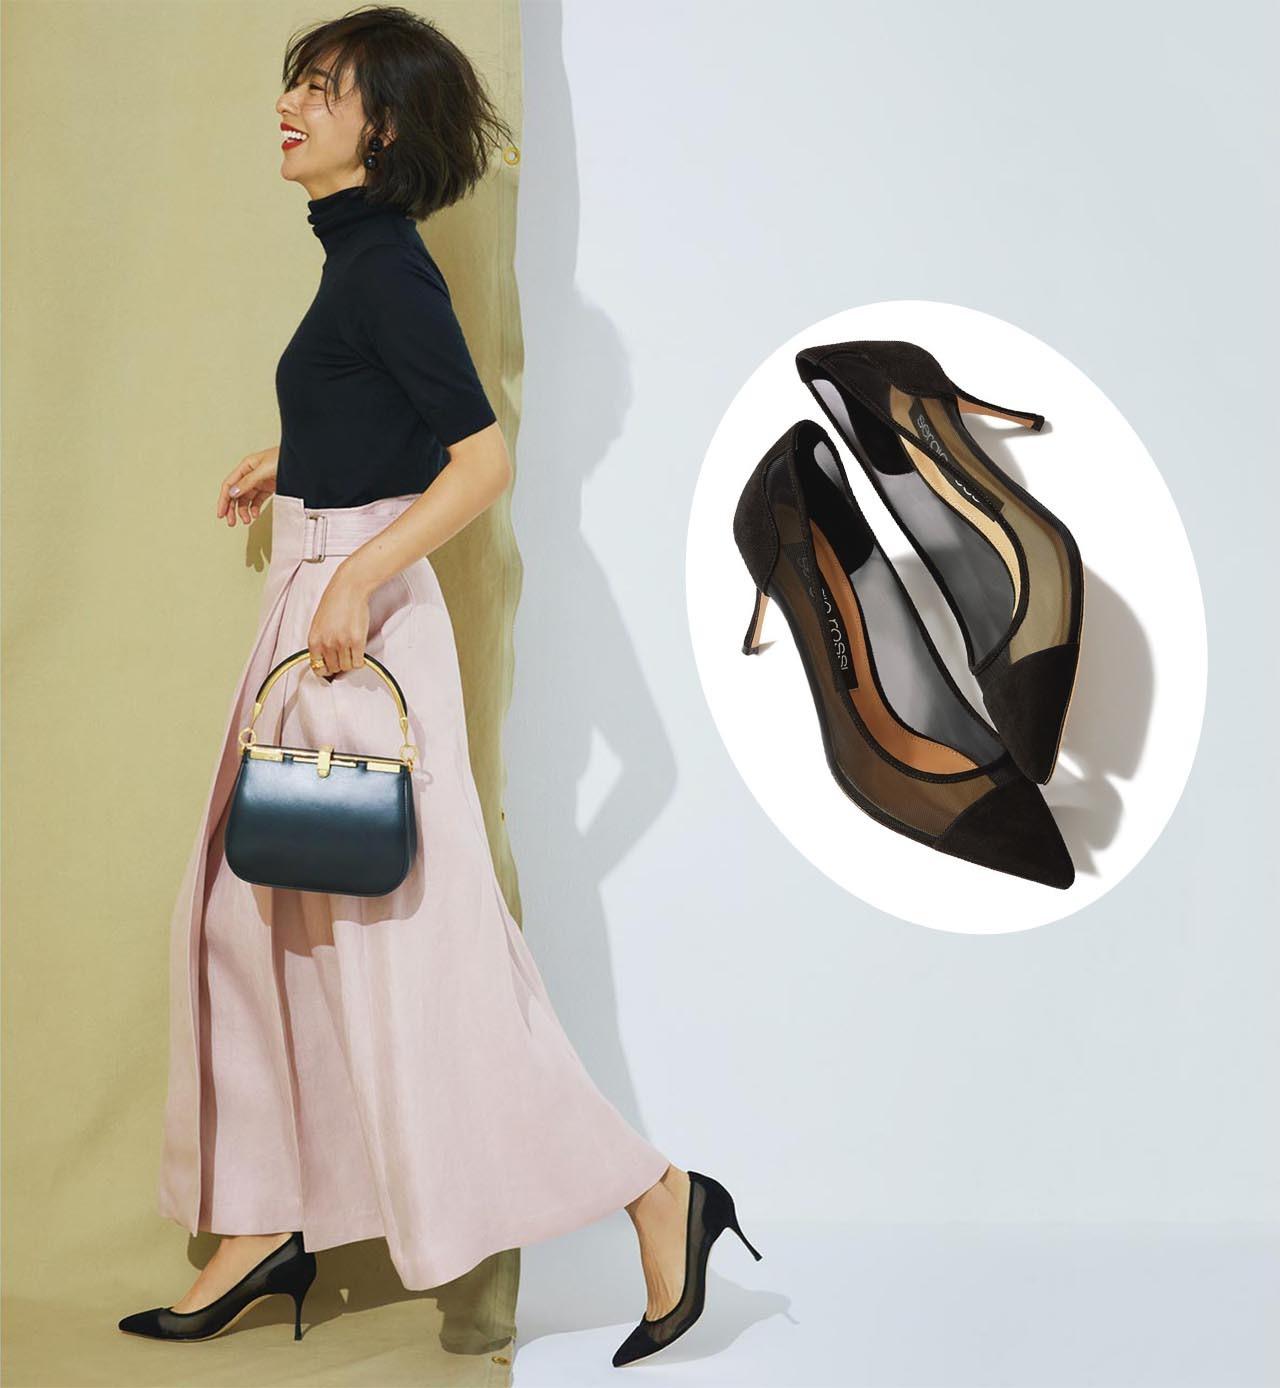 透け感のある黒パンプスを履いたモデルの小泉里子さん